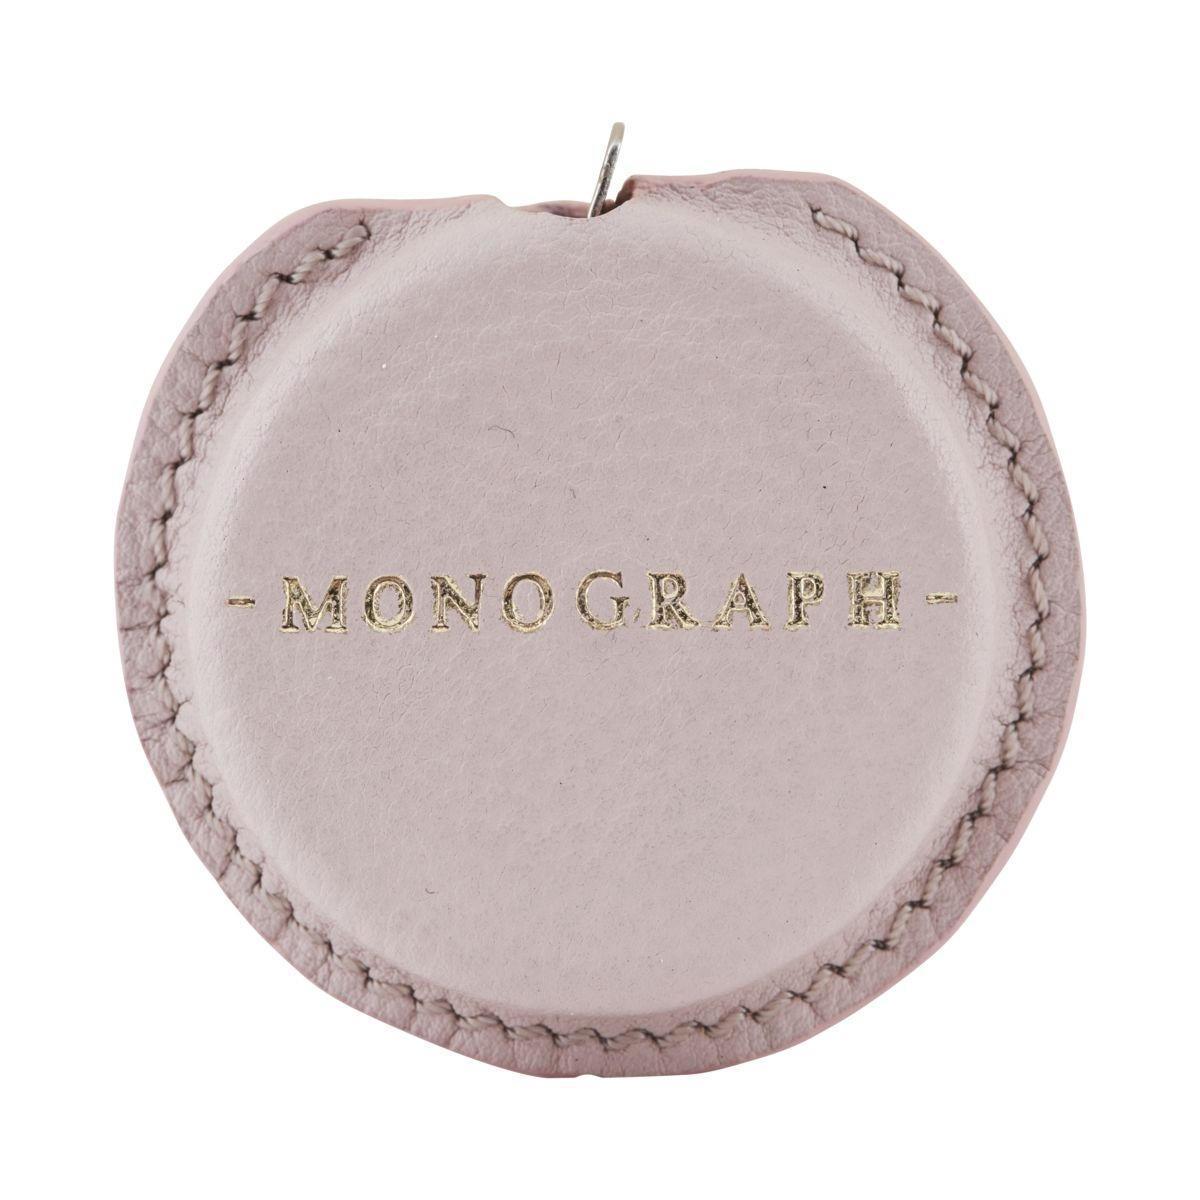 MONOGRAPH Svinovací metr v koženém pouzdře Rose (3 m), růžová barva, kov, kůže